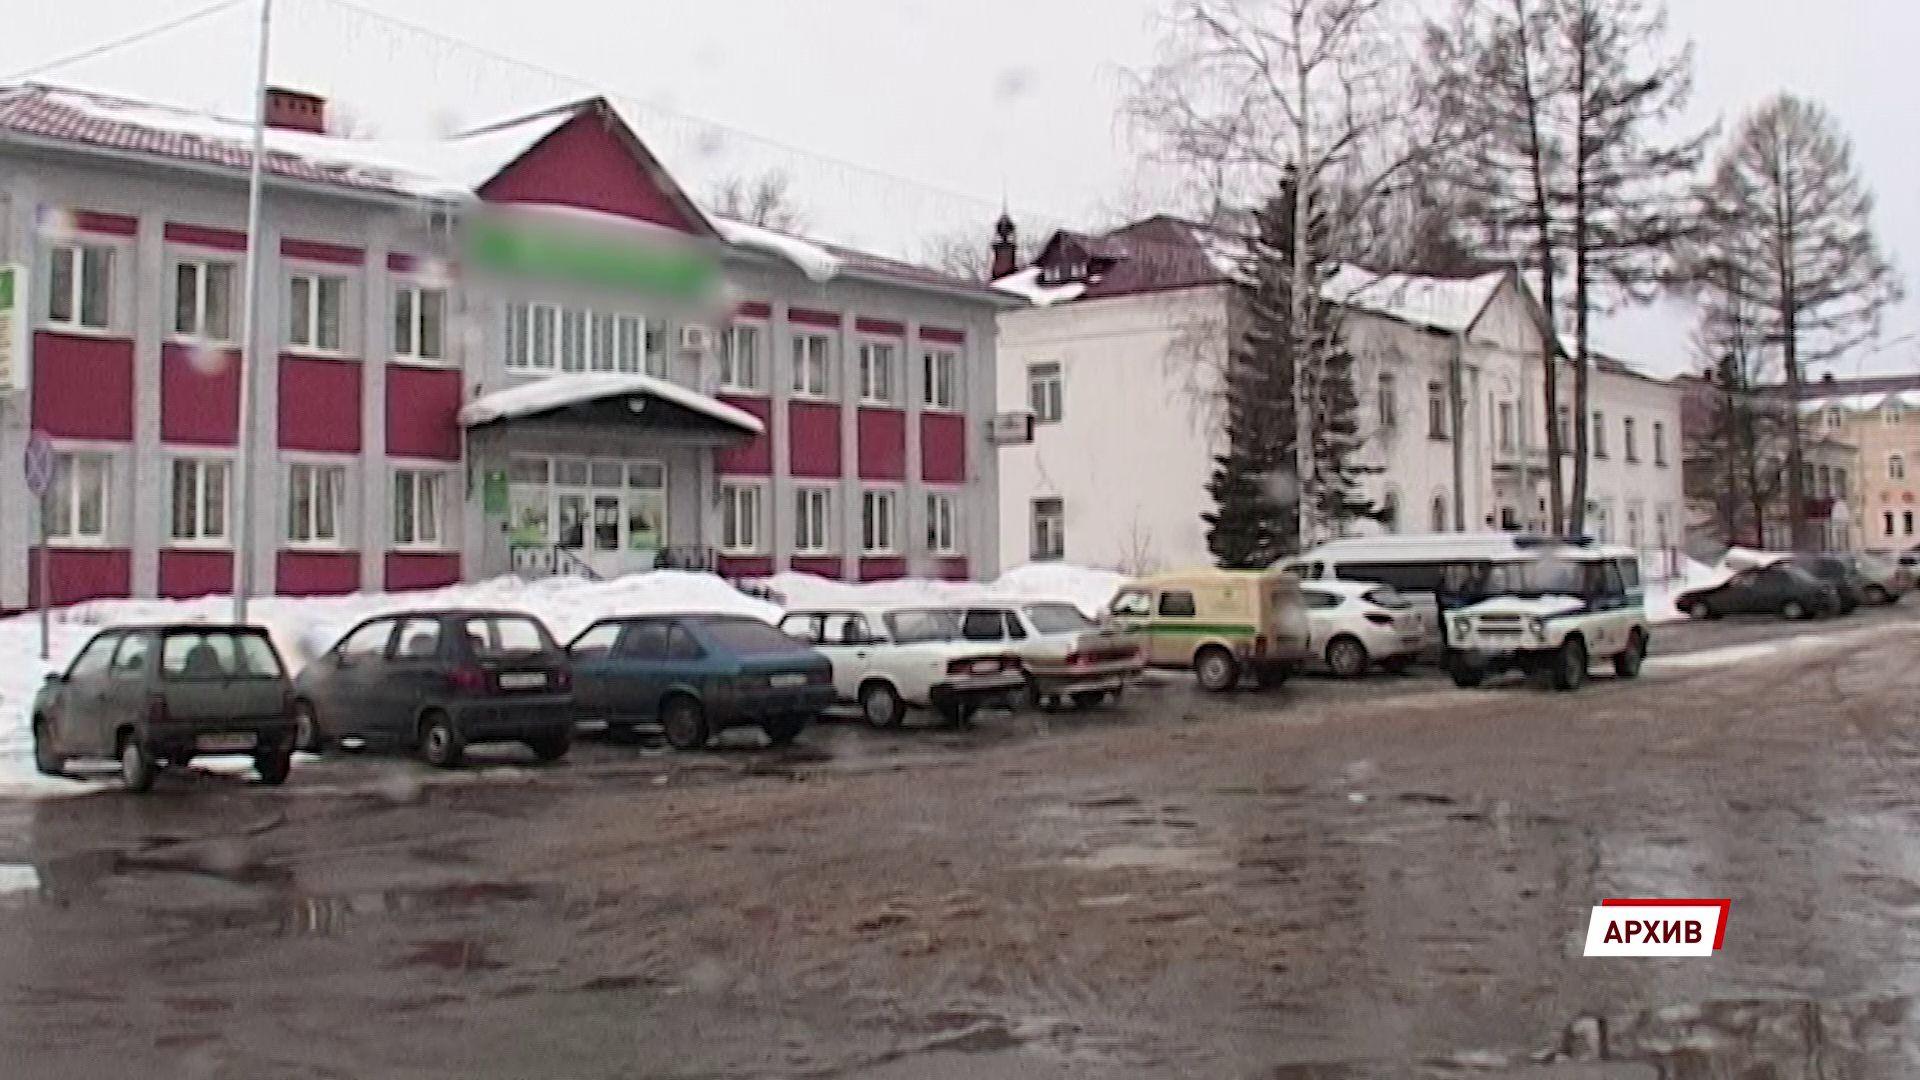 Жительница Мышкинского района украла у своего знакомого копилку с крупной суммой